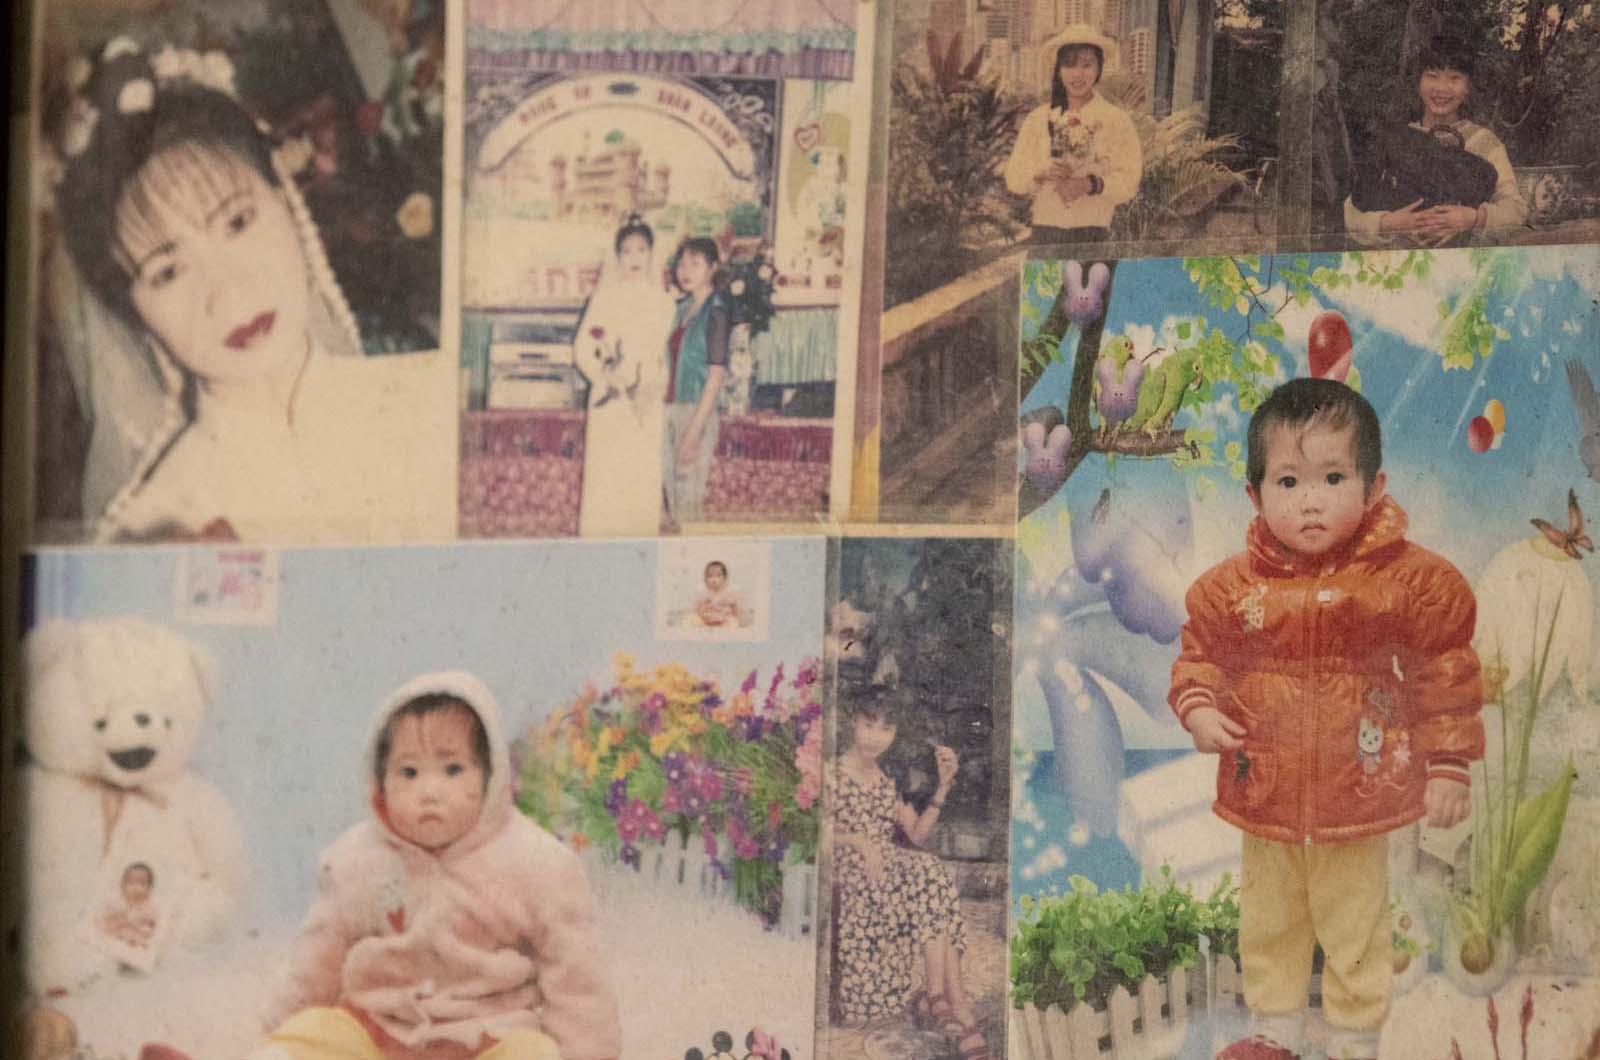 Thiên thần 7 tuổi 2 lần mồ côi mẹ, tự tay chăm sóc bố mắc bạo bệnh và giấc mơ nhói lòng - 13